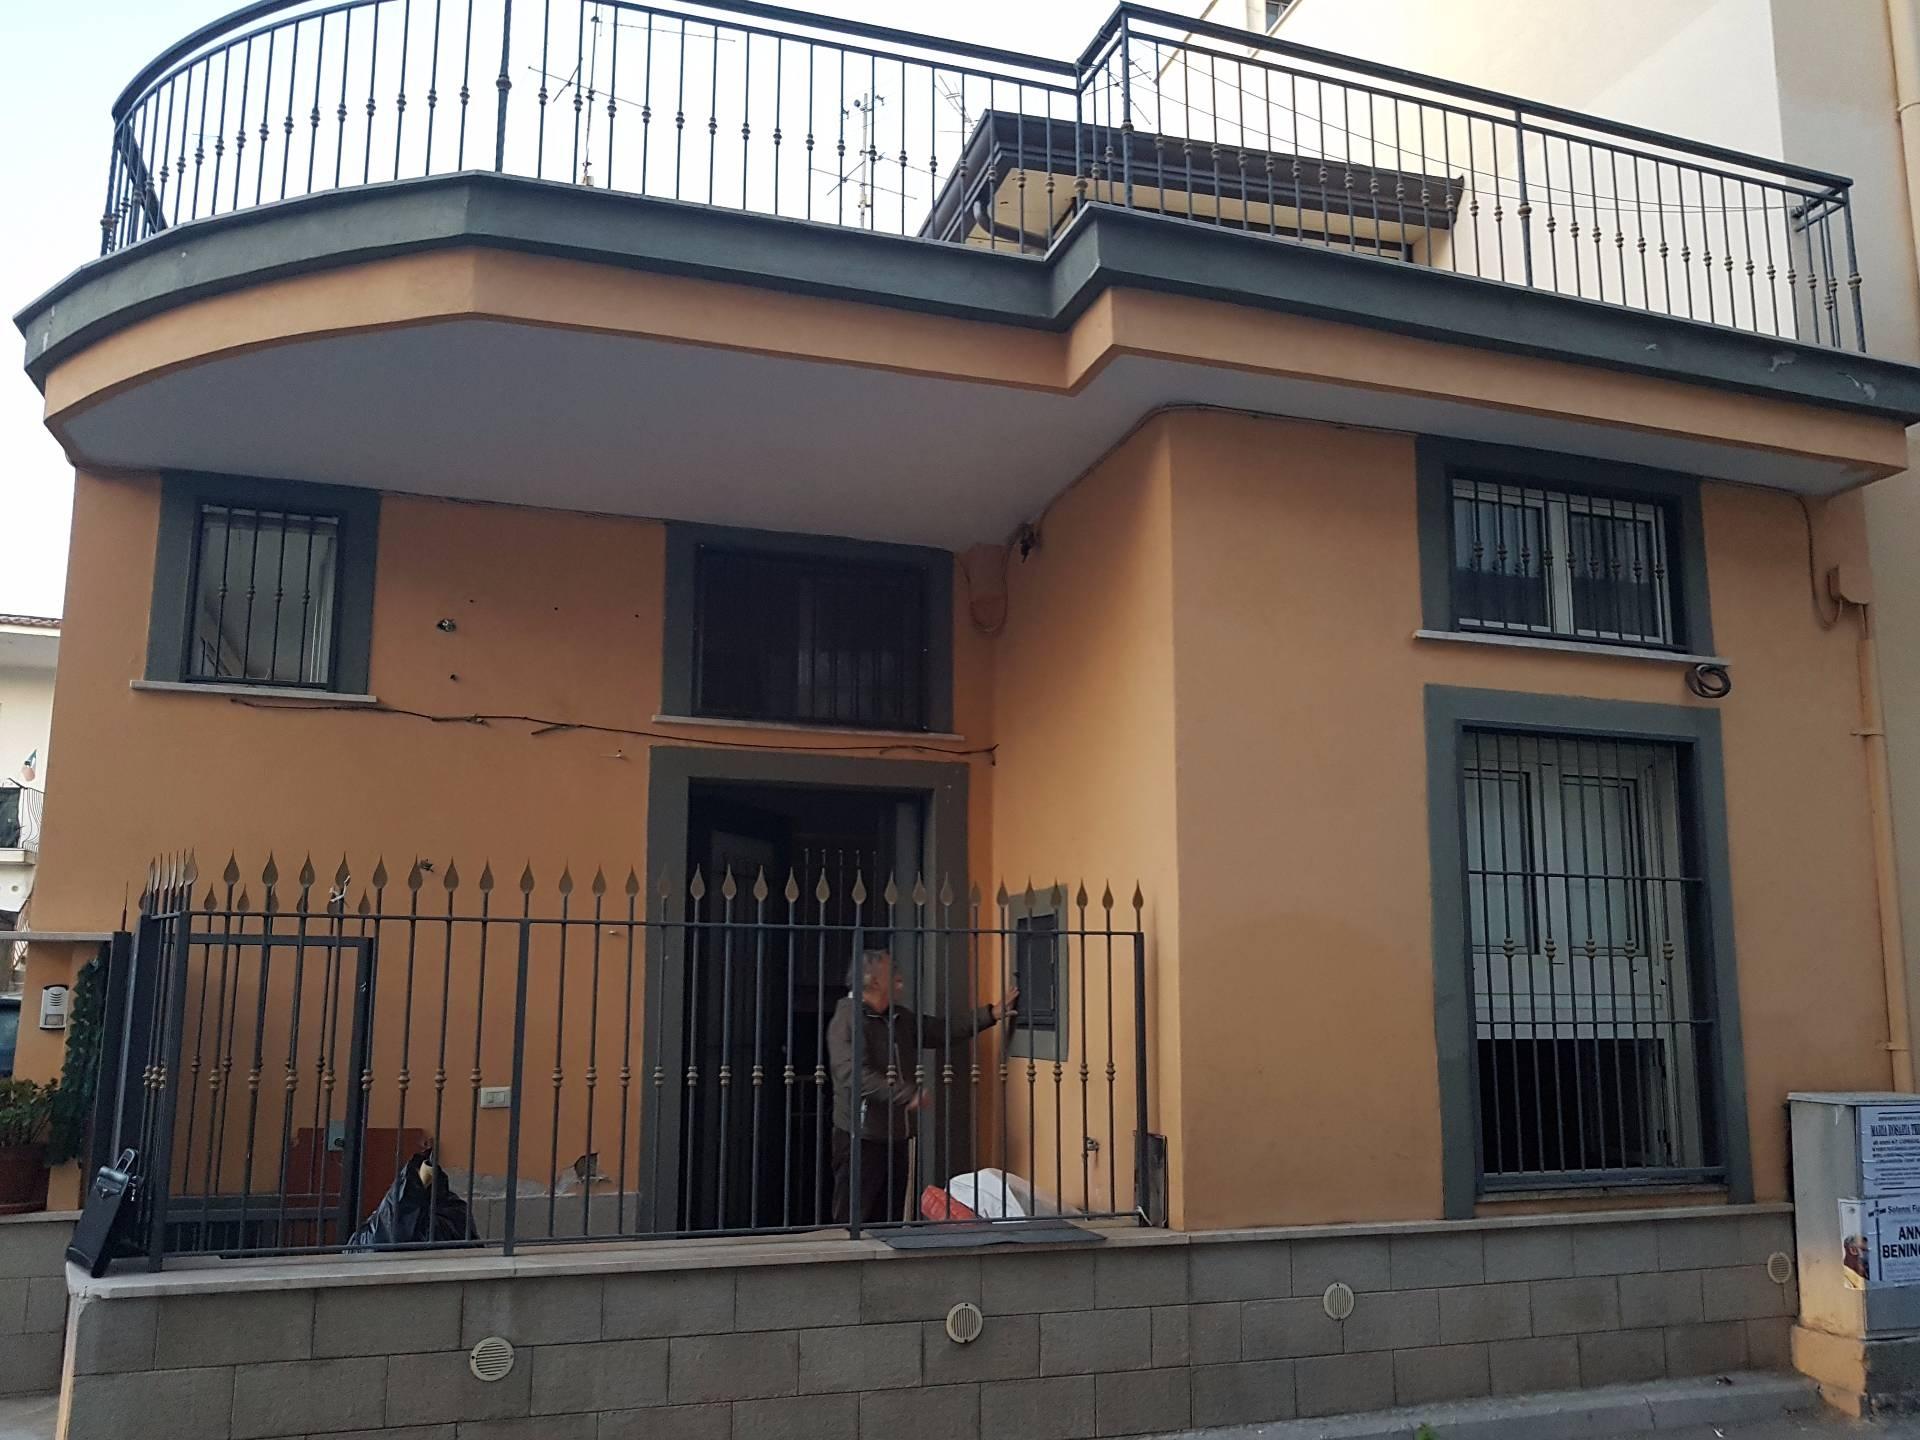 Soluzione Semindipendente in vendita a Brusciano, 2 locali, prezzo € 75.500 | CambioCasa.it